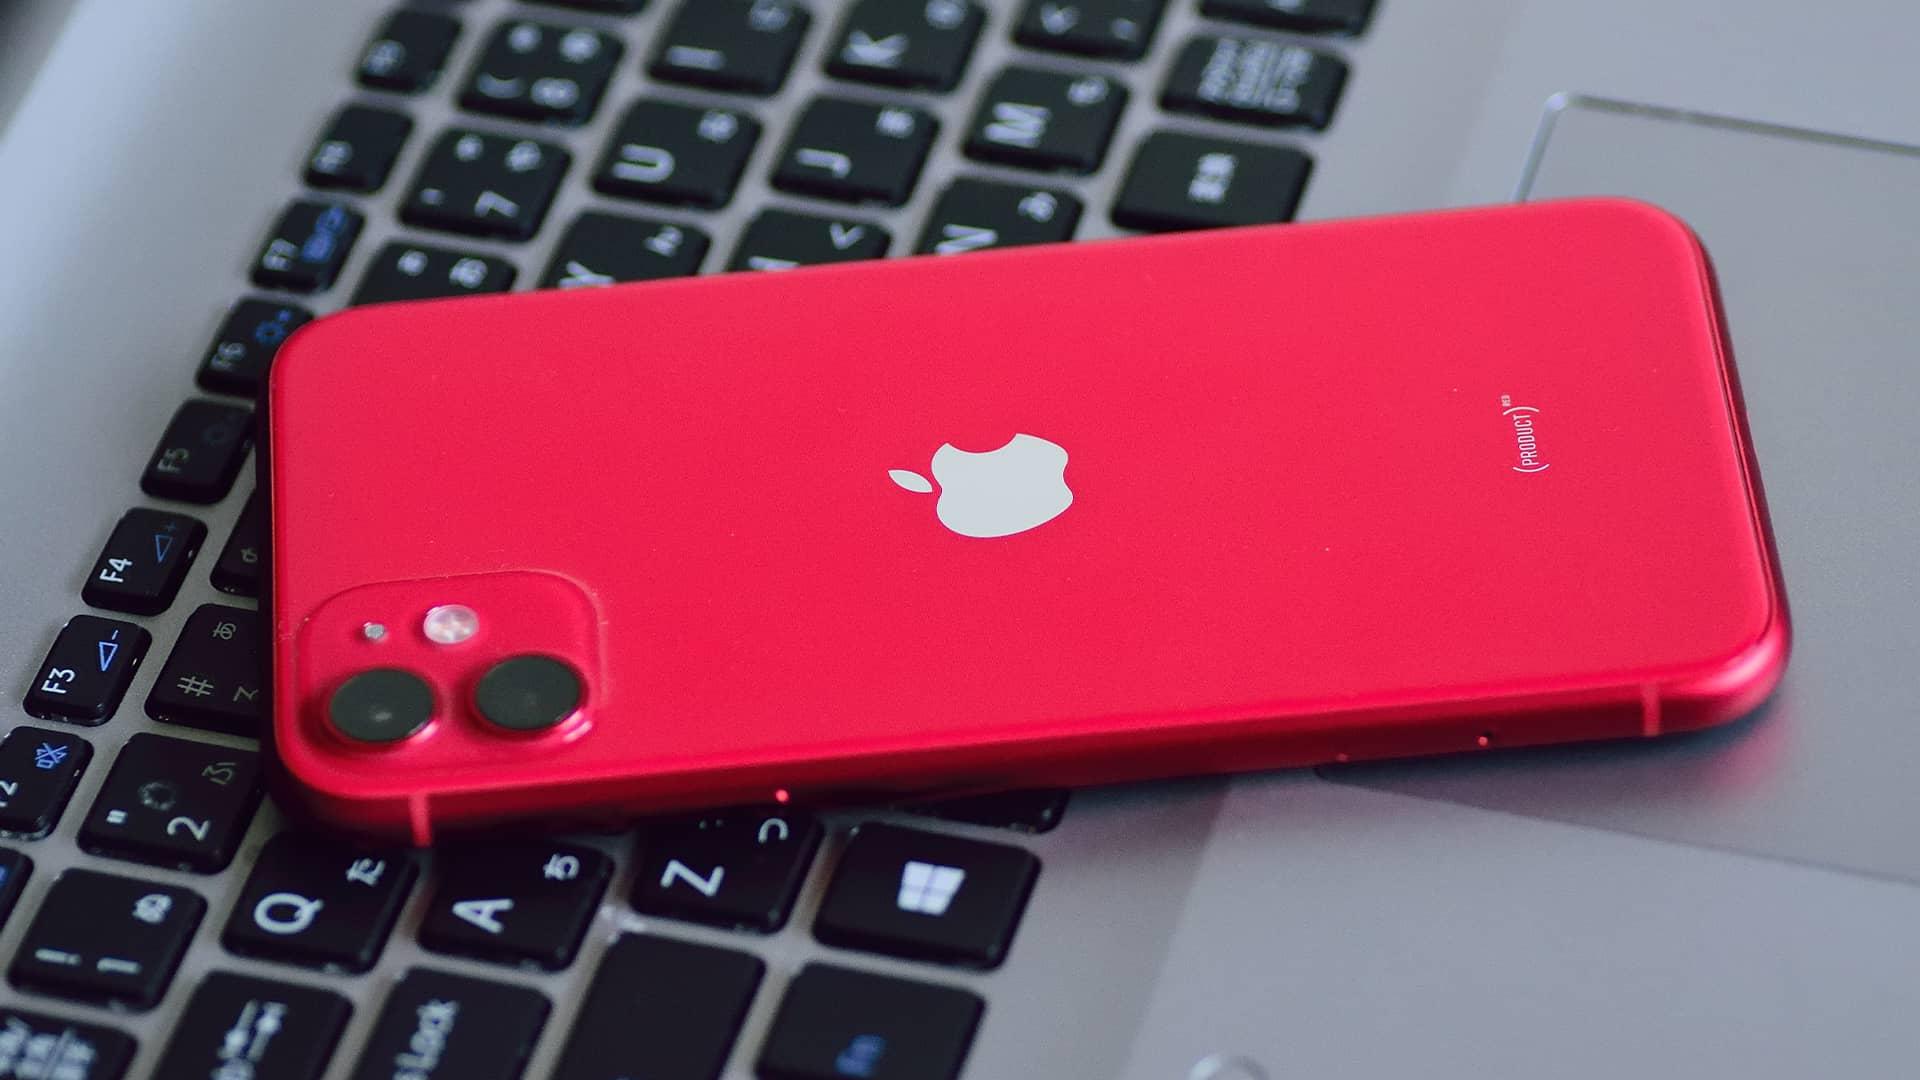 Compra el iPhone 11 en Vodafone: precios y financiación